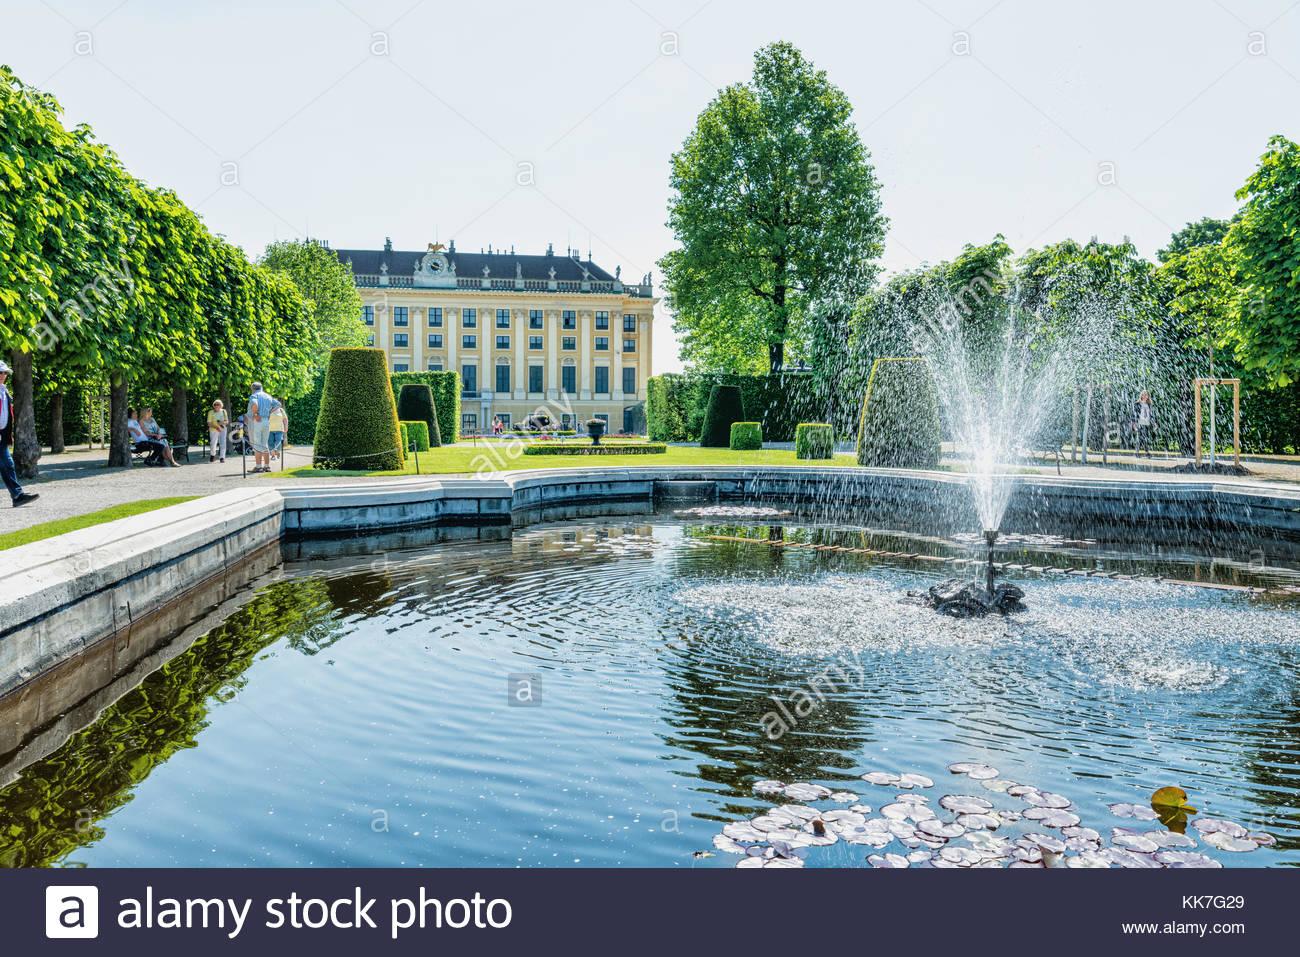 Los turistas en Viena una bella fuente en el jardín del palacio de Schönbrunn con luz solar brillante Imagen De Stock